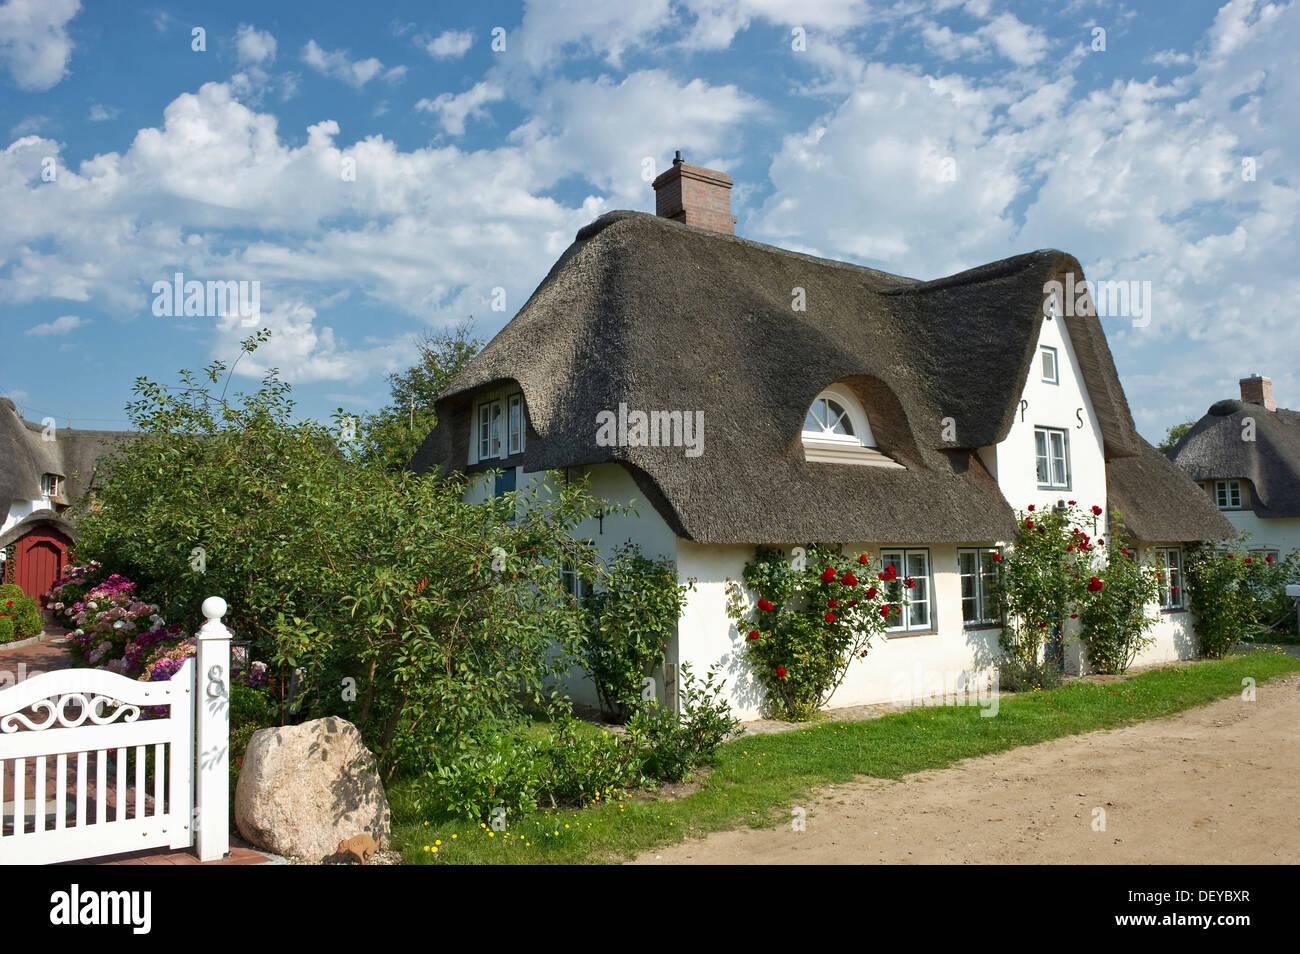 Thatched cottage, Nebel, Amrum, North Frisia, Schleswig-Holstein - Stock Image